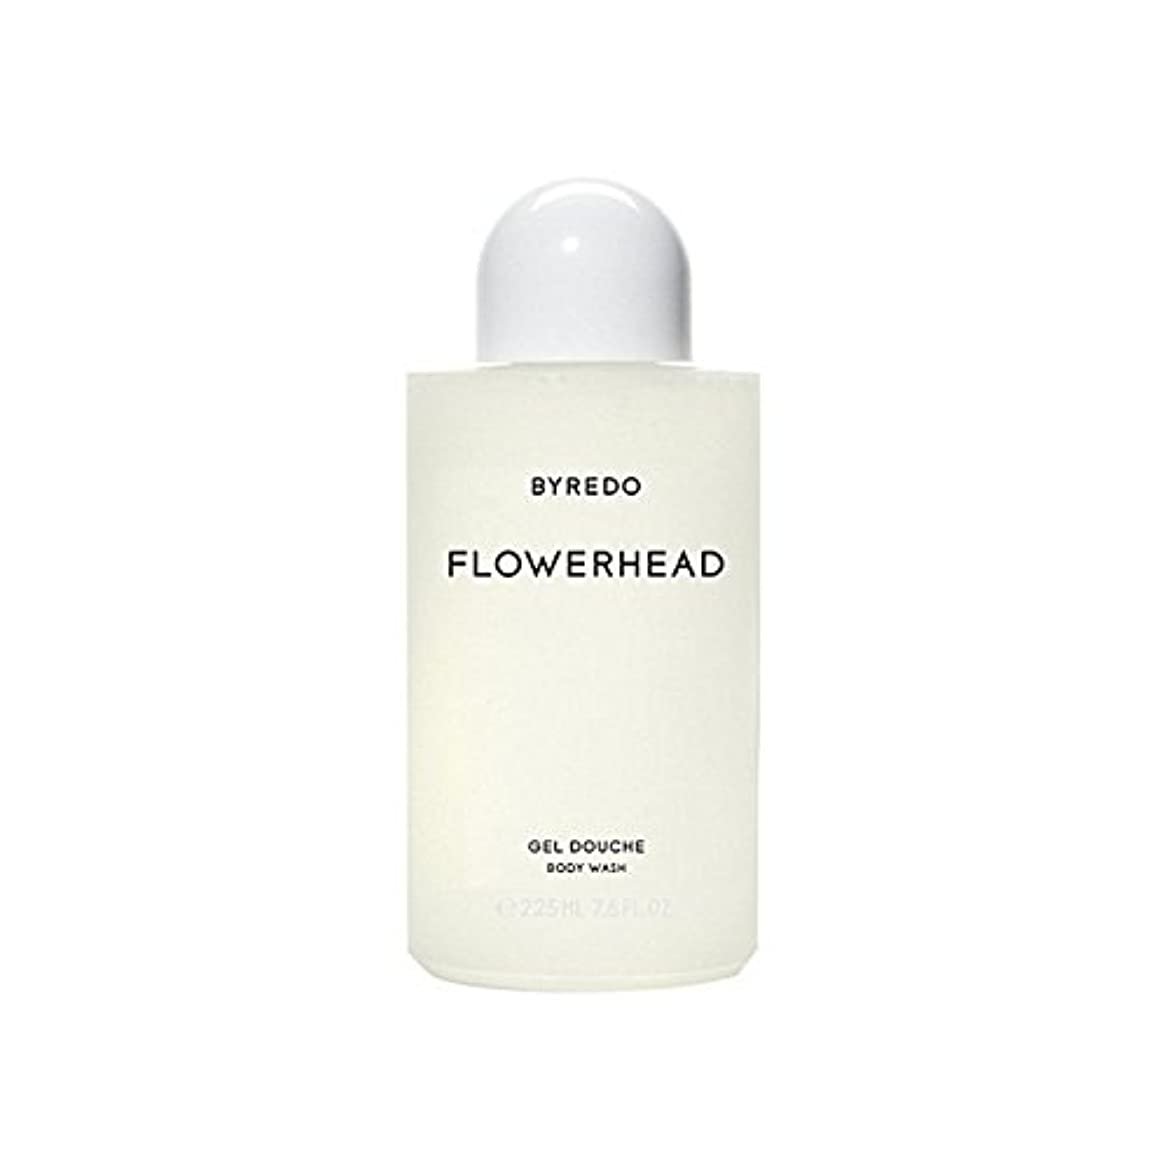 経過撤退拷問Byredo Flowerhead Body Wash 225ml - ボディウォッシュ225ミリリットル [並行輸入品]